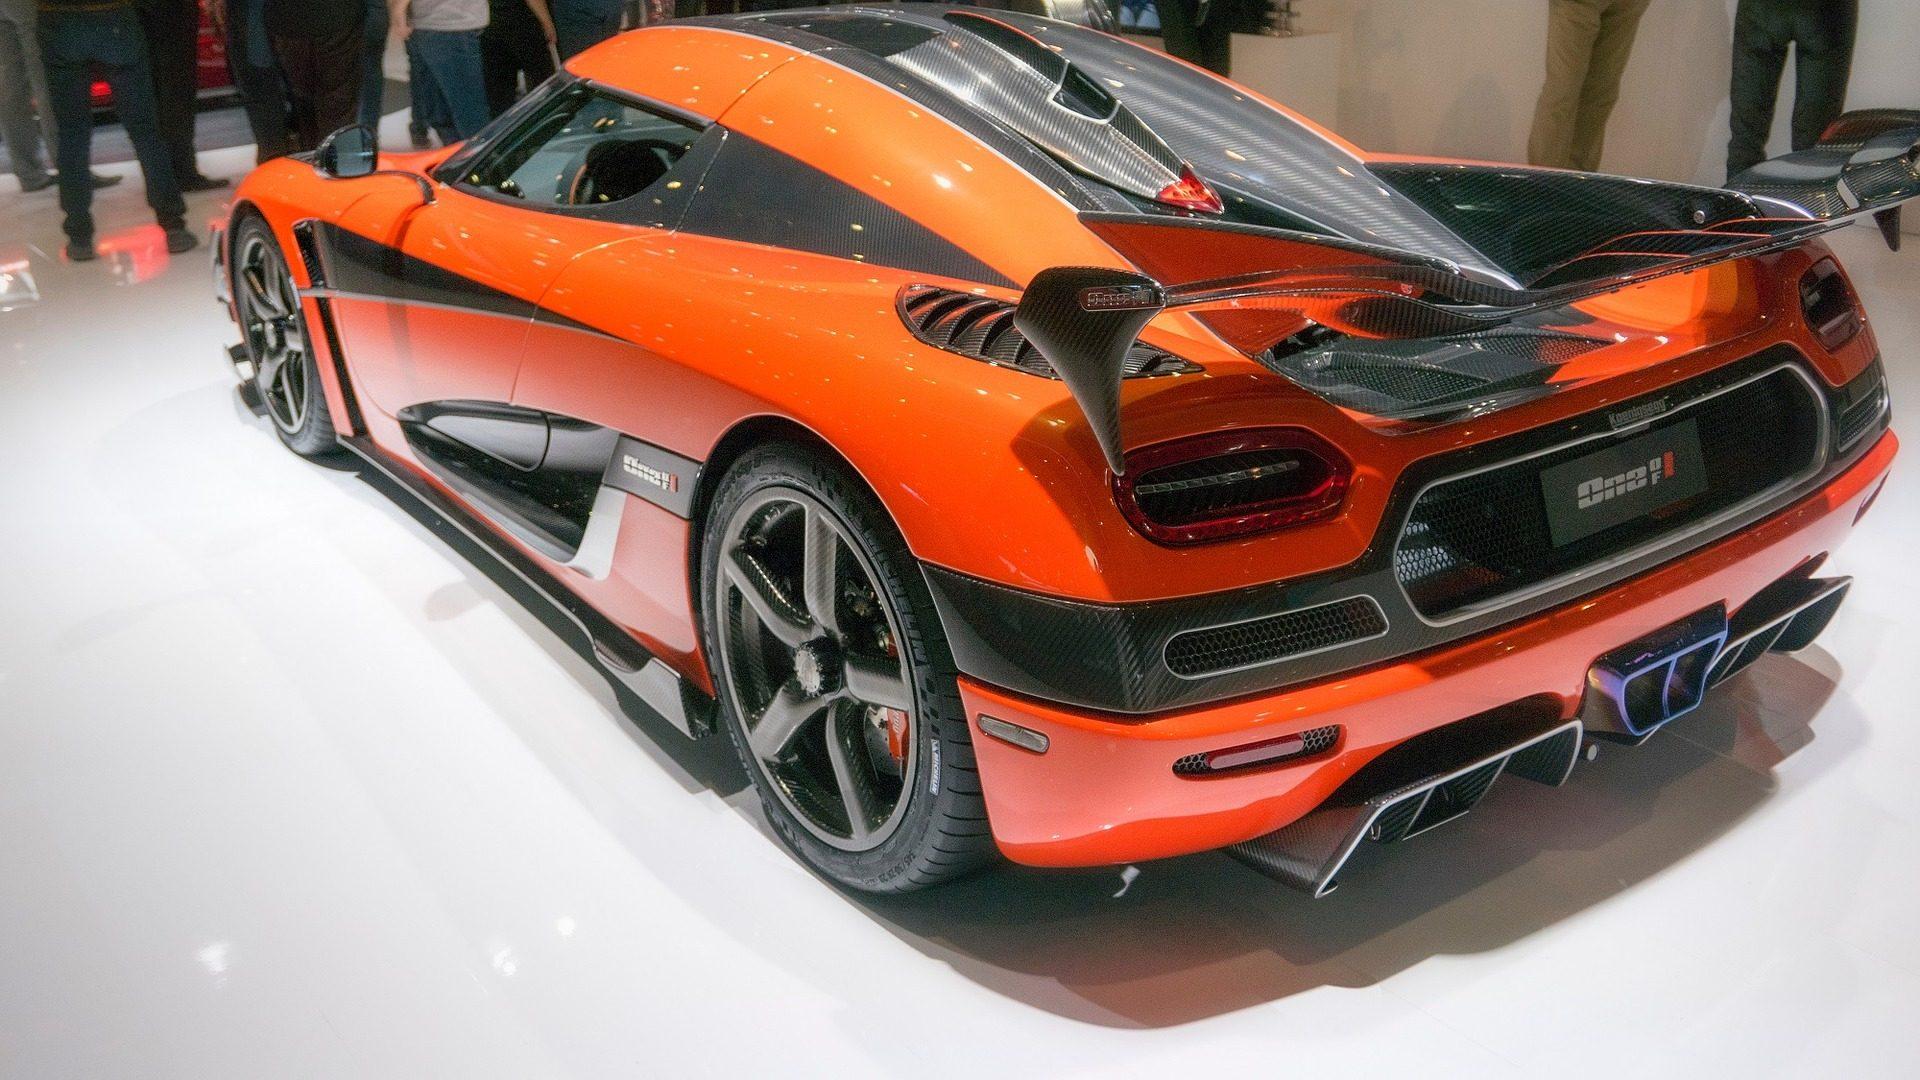 voiture, luxe, sport, moderne, Koenigsegg, Loi sur les - Fonds d'écran HD - Professor-falken.com